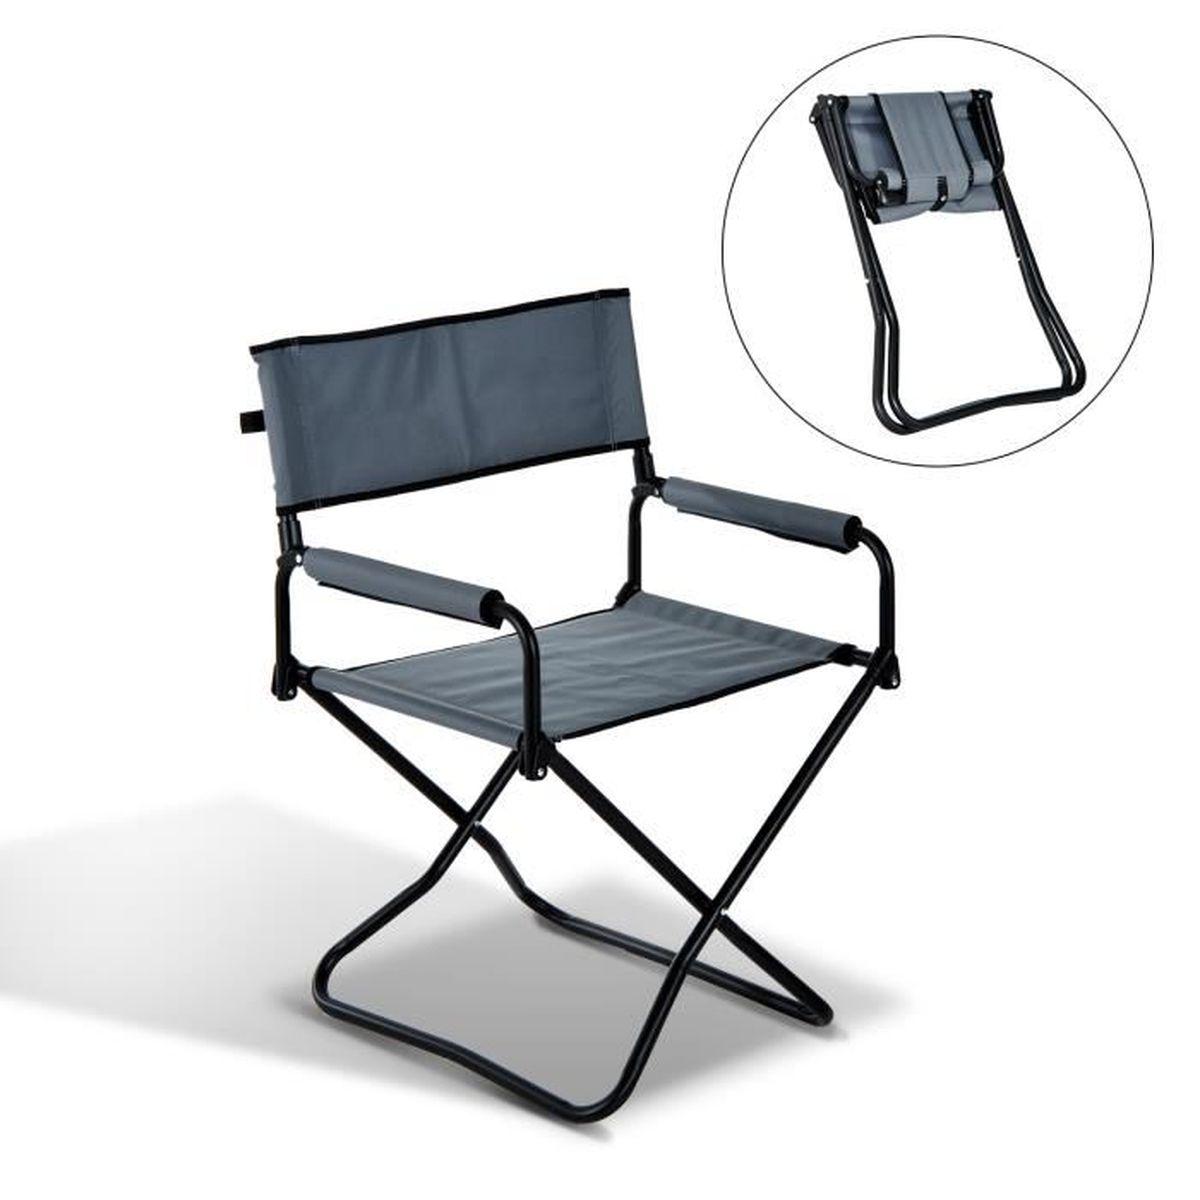 chaise pliante avec accoudoir achat vente pas cher. Black Bedroom Furniture Sets. Home Design Ideas